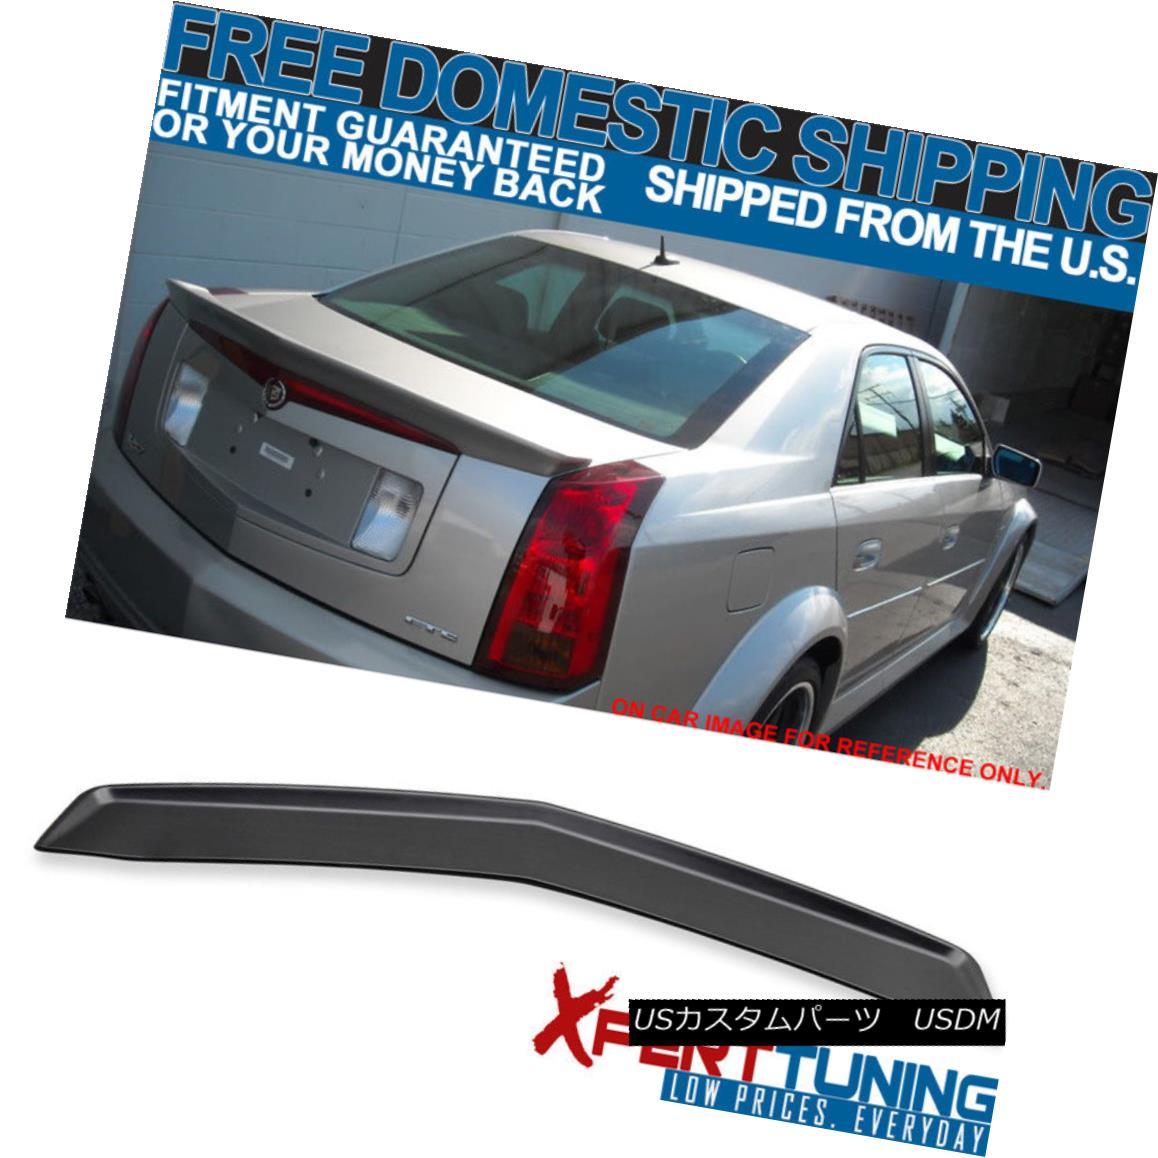 エアロパーツ Cadillac CTS 4Door 03-07 Flush Mount OE Rear Trunk Spoiler Wing Unpainted ABS キャデラックCTS 4ドア03-07フラッシュマウントOEリアトランクスポイラーウイング無塗装ABS